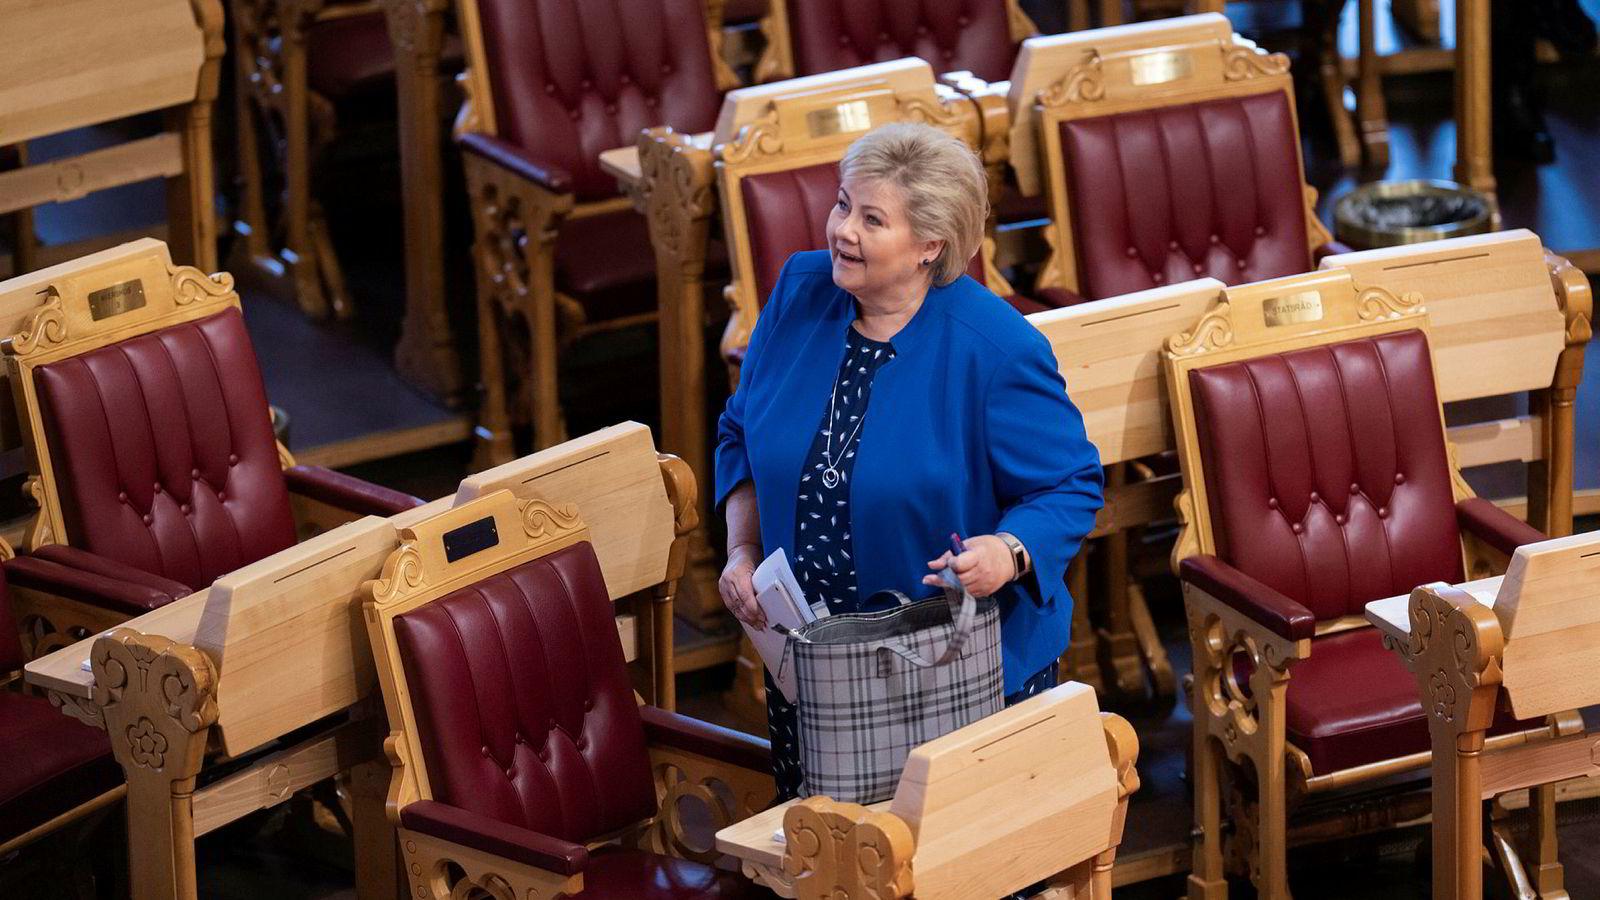 Statsminister Erna Solberg hadde med seg forberedte svar på spørsmål hun regnet med ville komme i Stortingets spontanspørretime. Klima var blant dem.